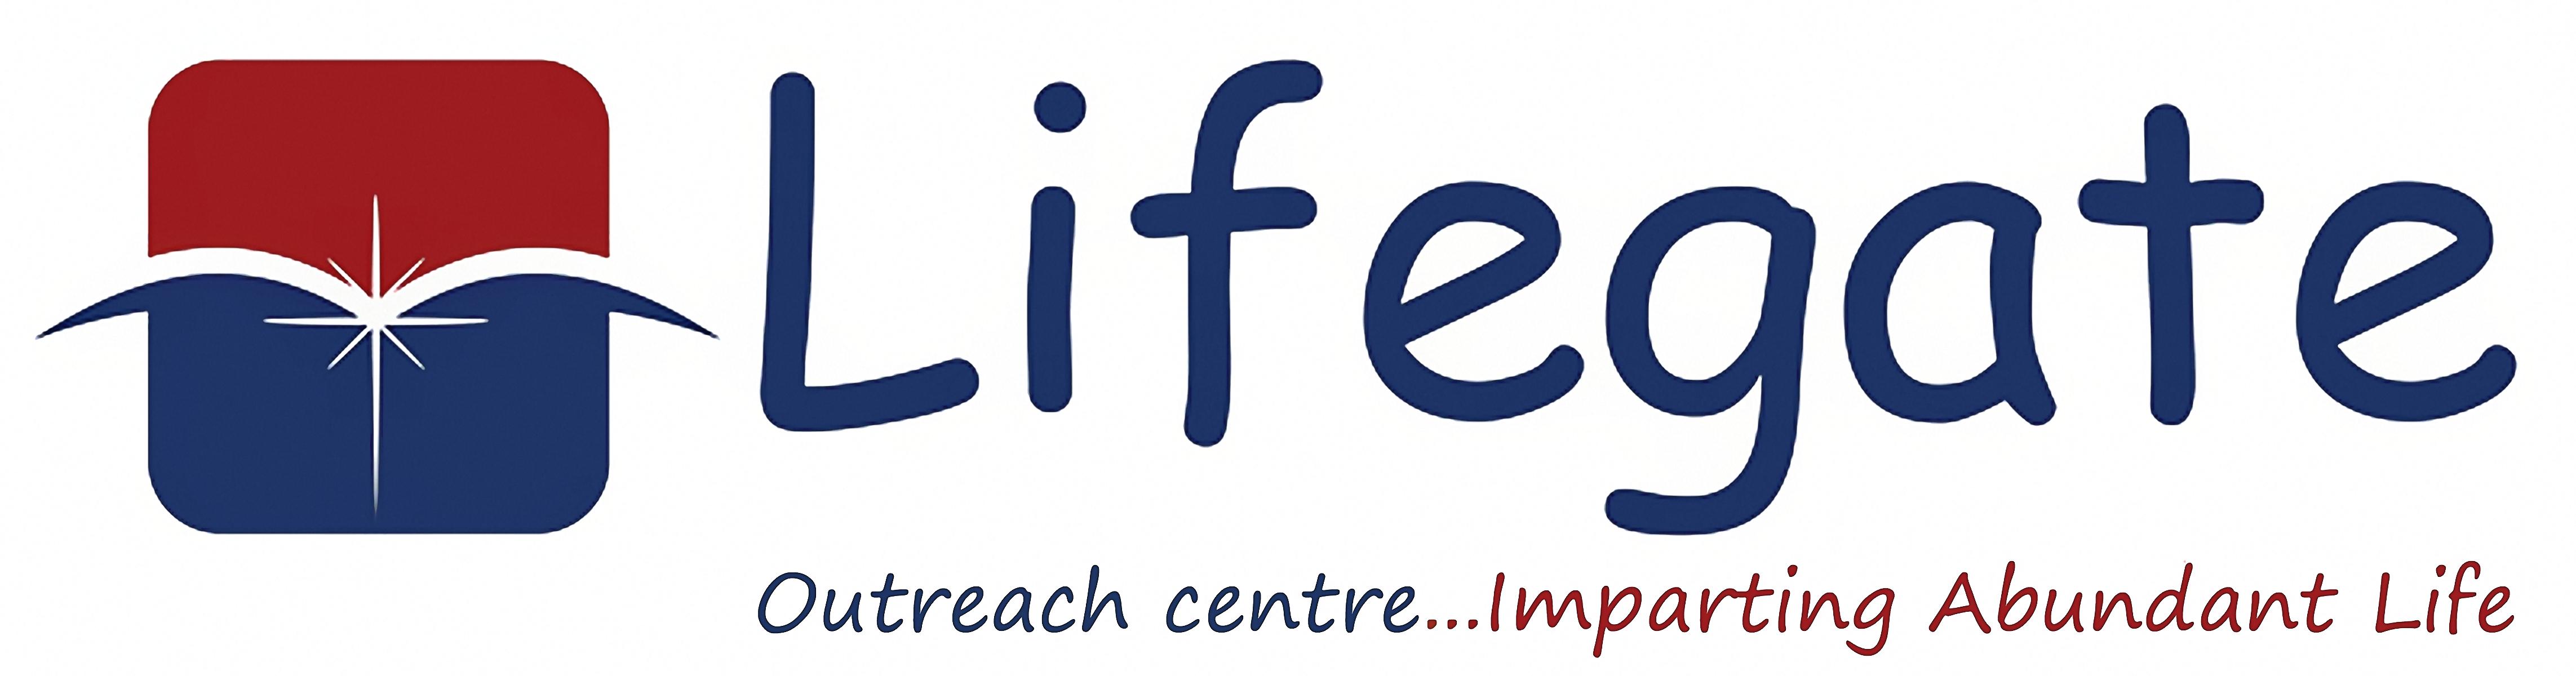 Lifegate Outreach Centre (Lifegate Church) - Walsall, West Midlands WS2 8HW - 01922 278112   ShowMeLocal.com